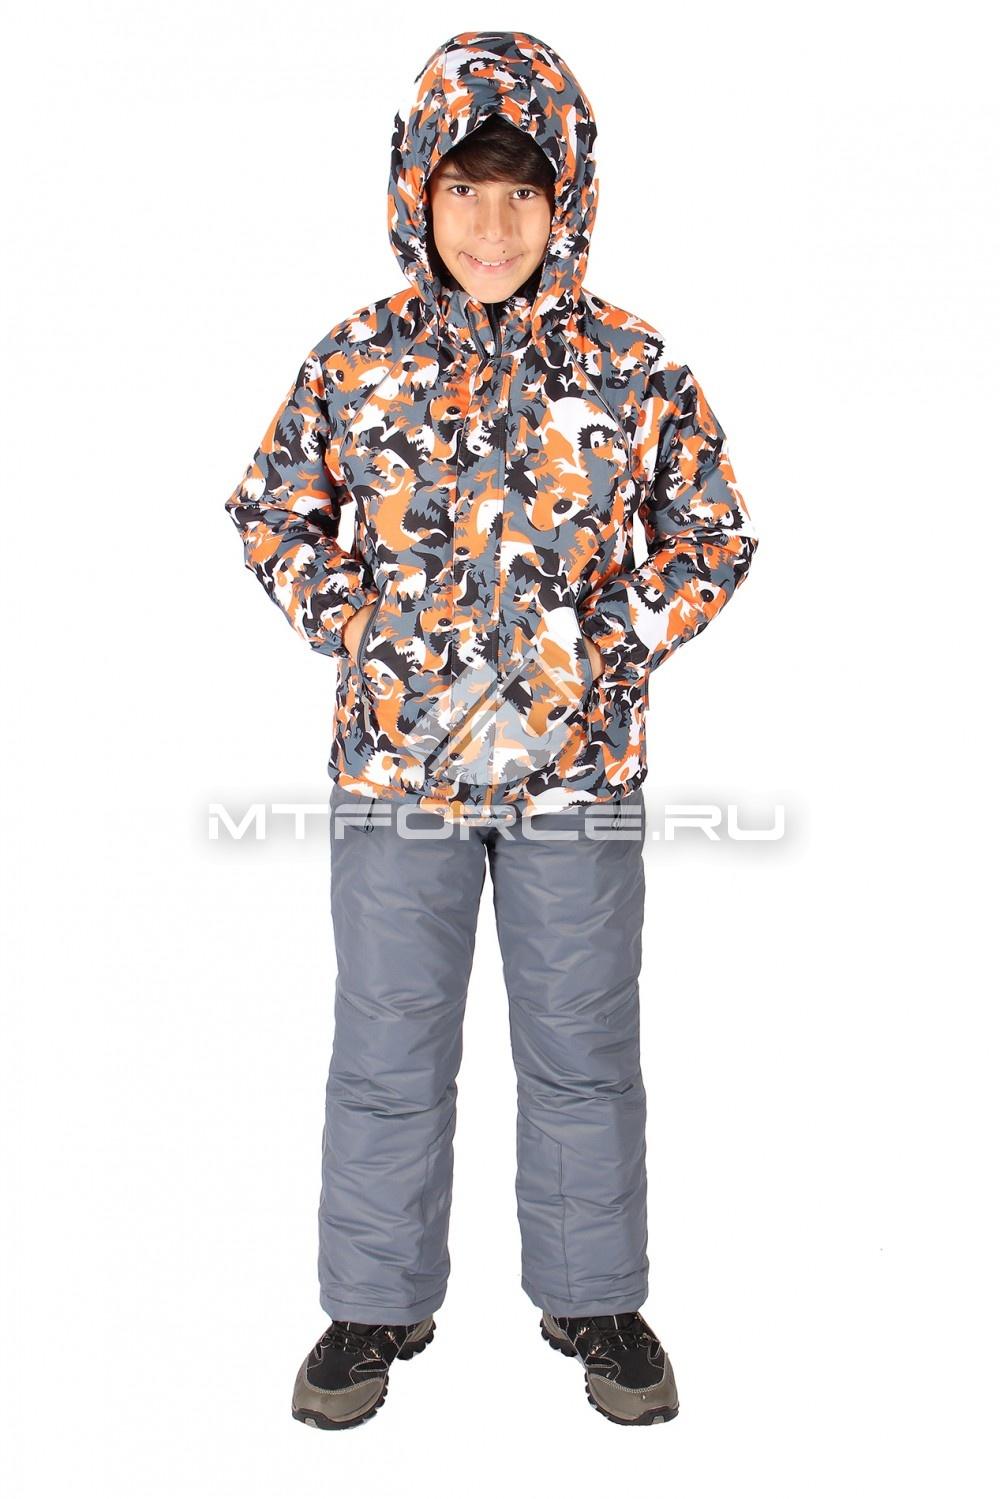 Купить оптом Костюм горнолыжный  для мальчика оранжевого цвета 6103O